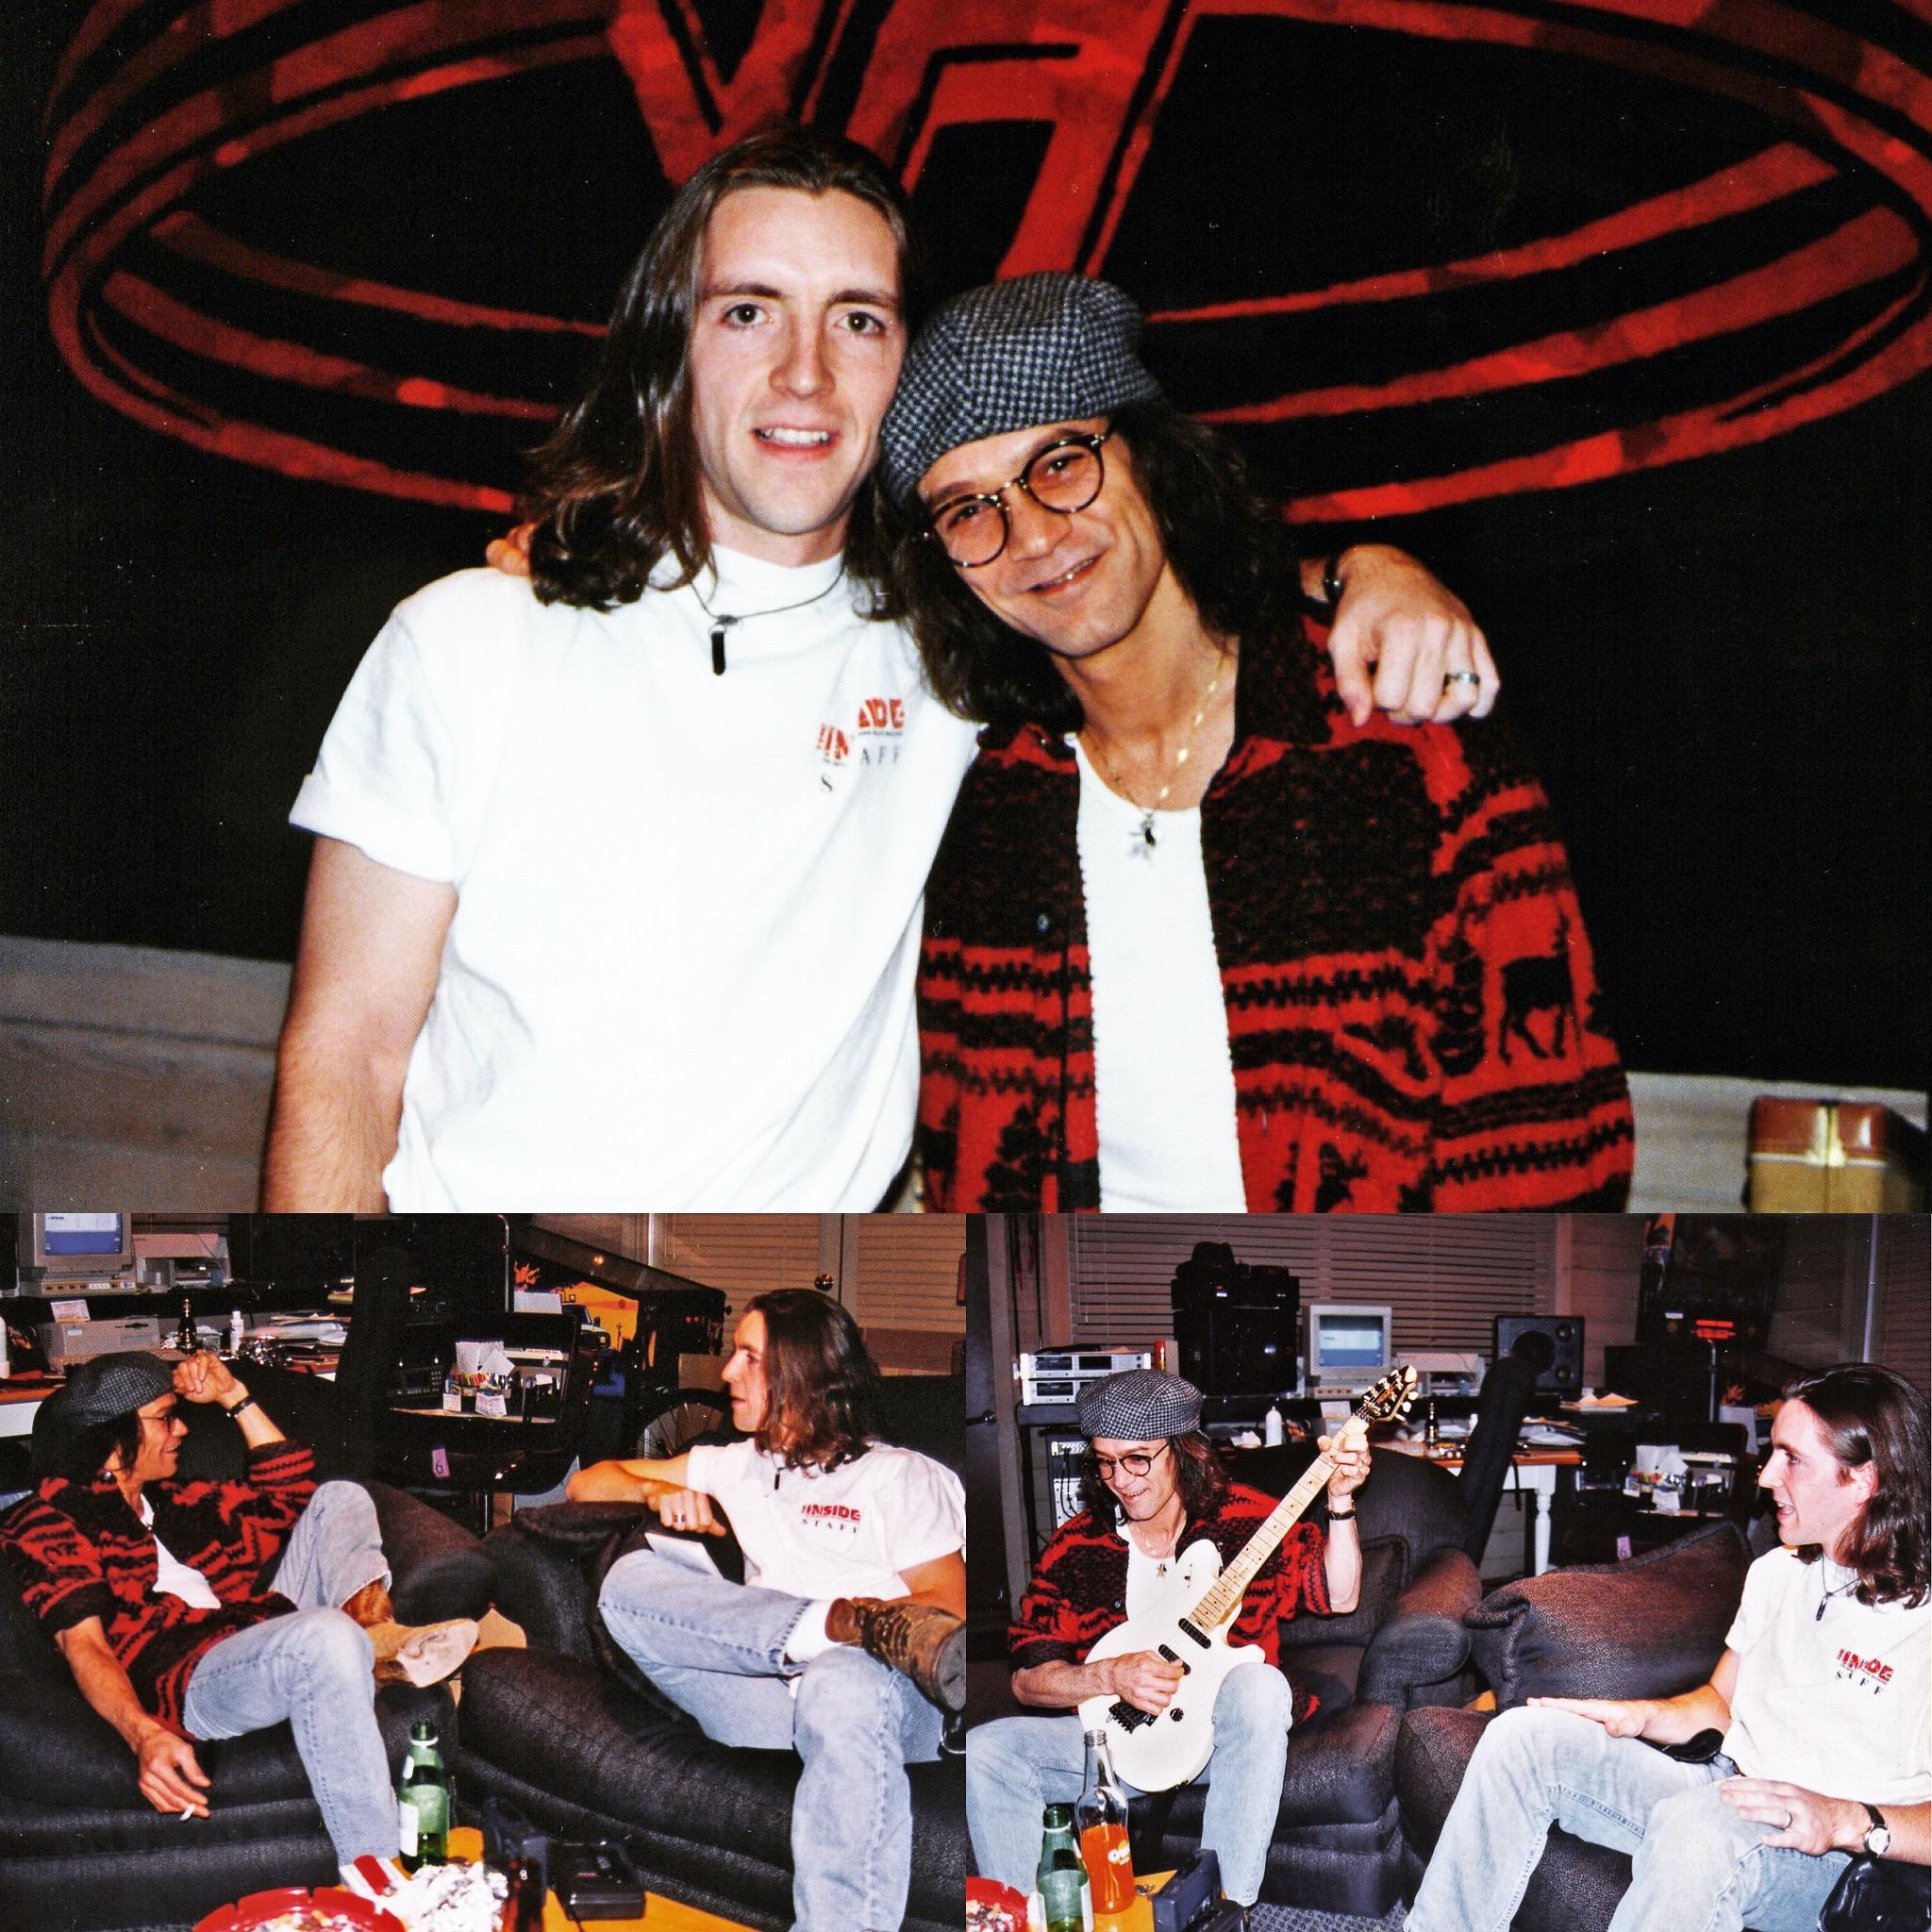 Me & Eddie Van Halen